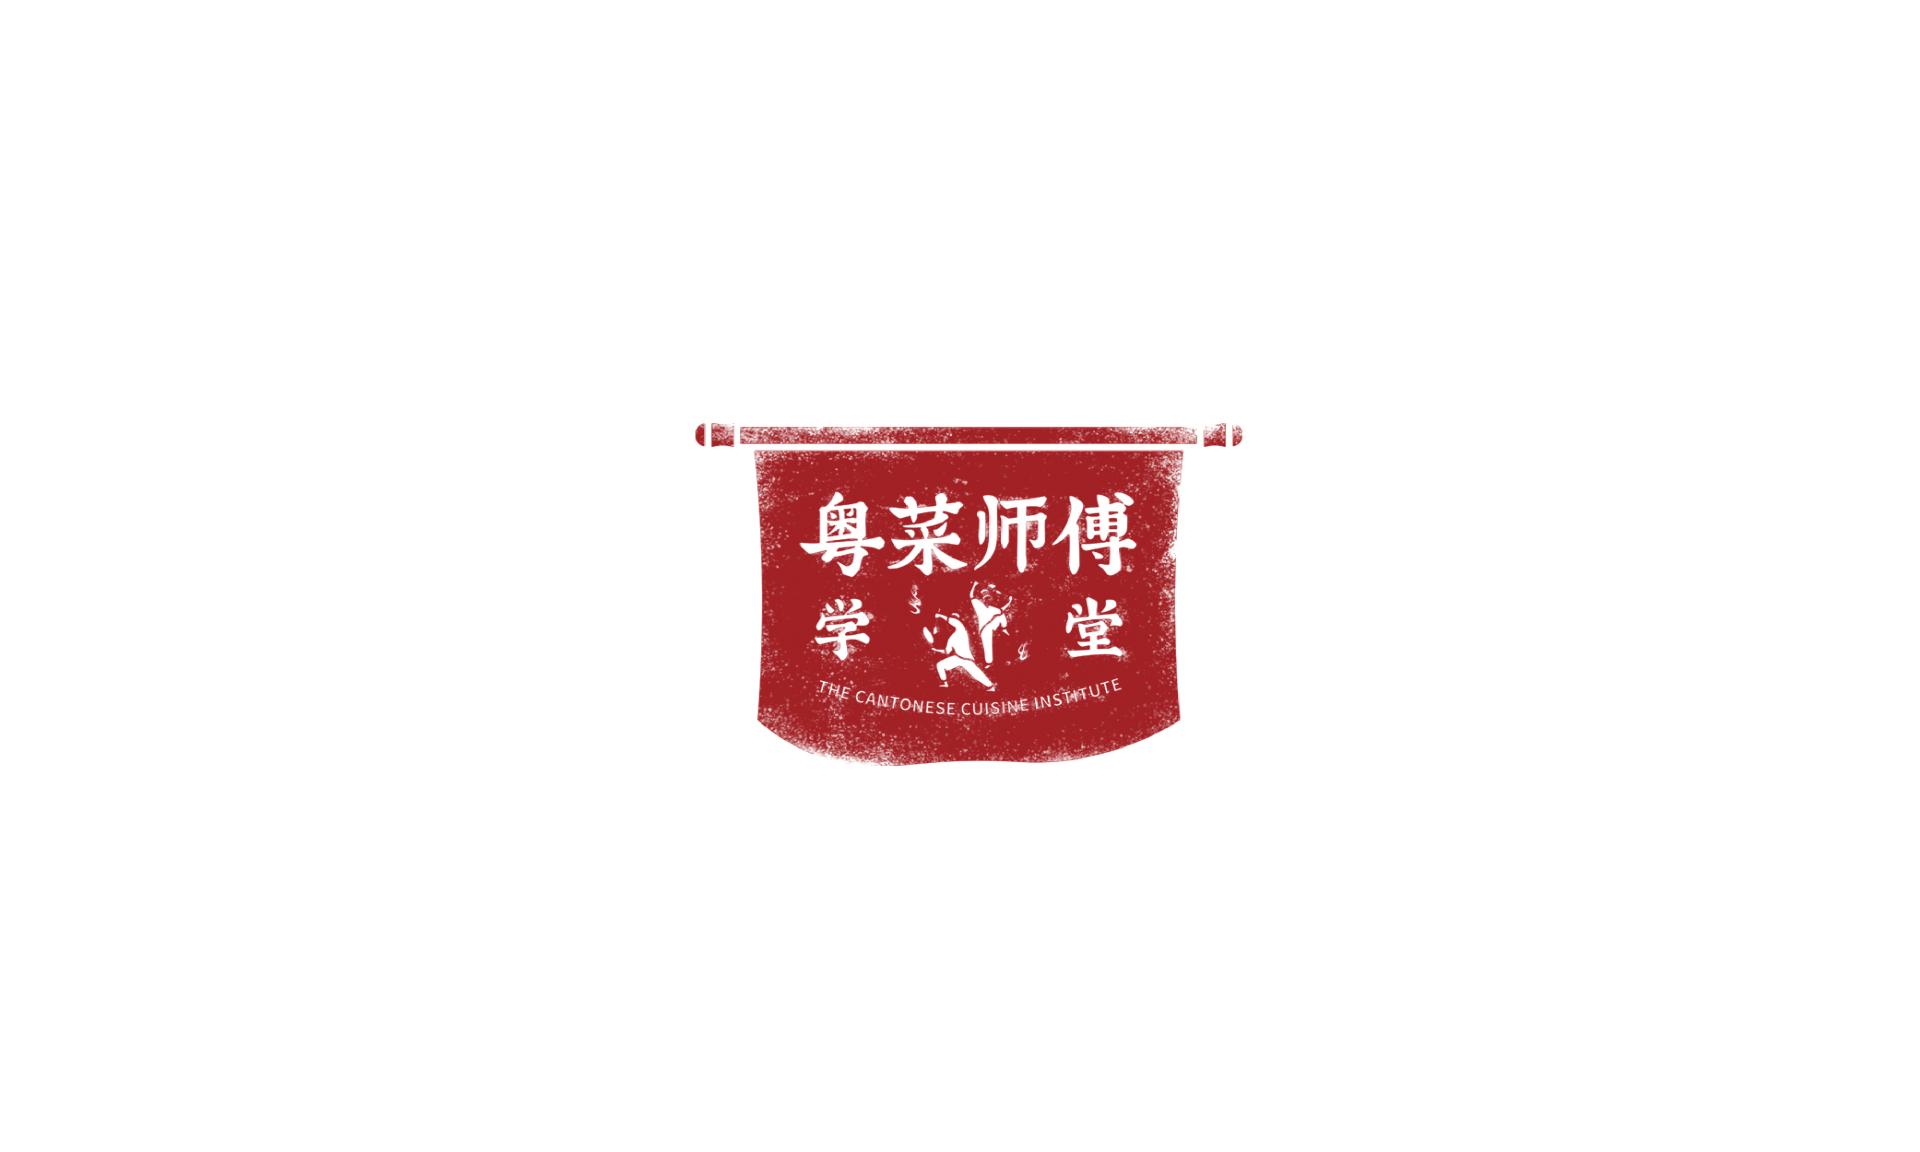 粤菜师傅-03